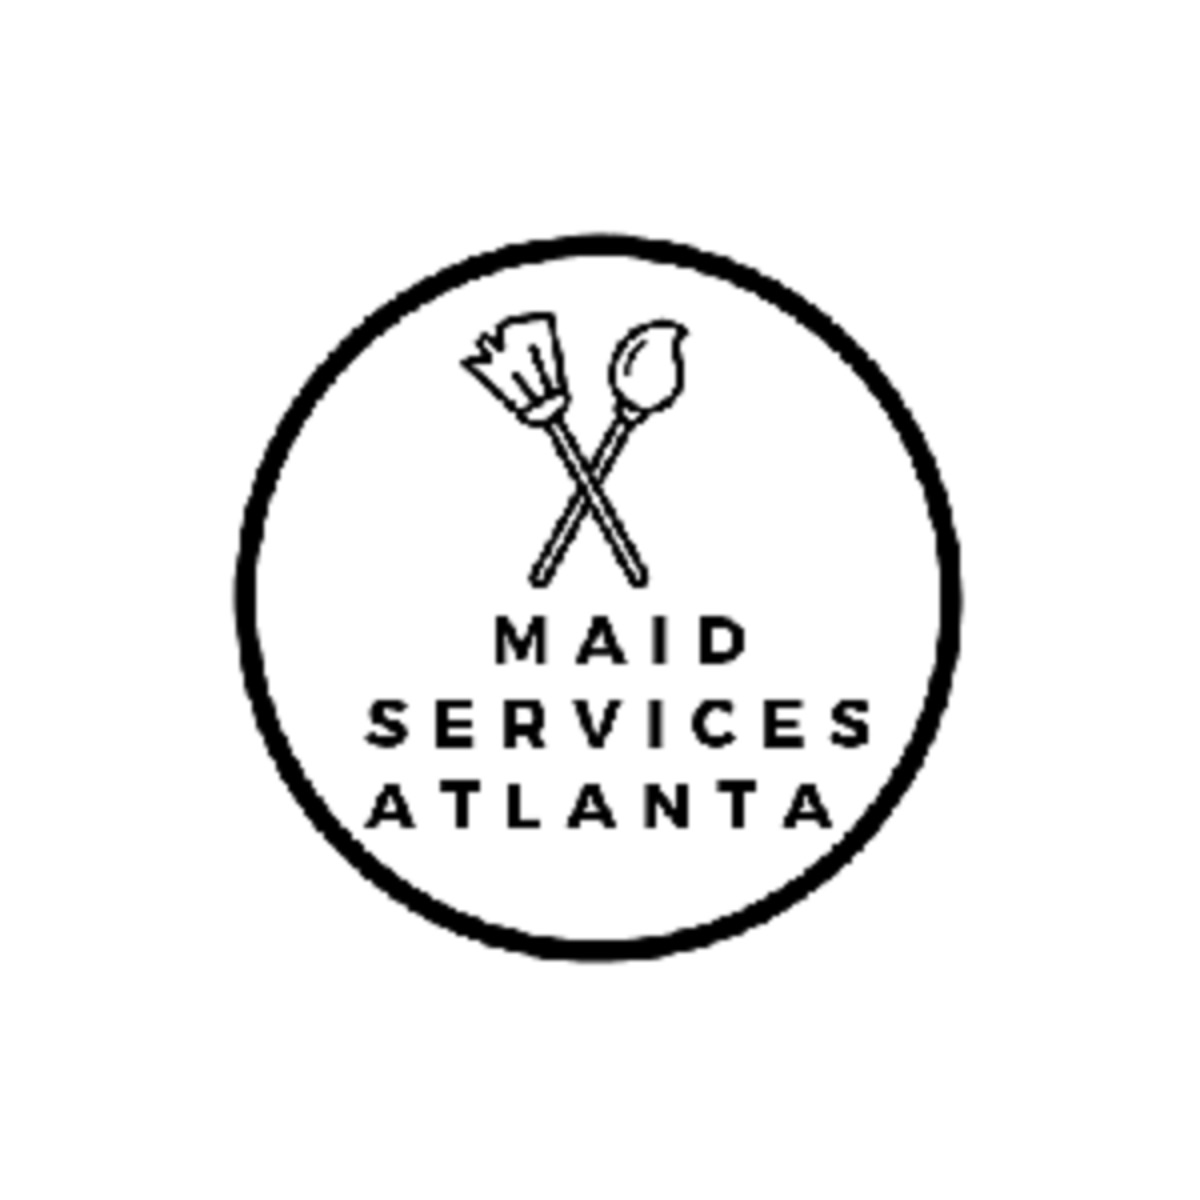 Maid Services Atlanta